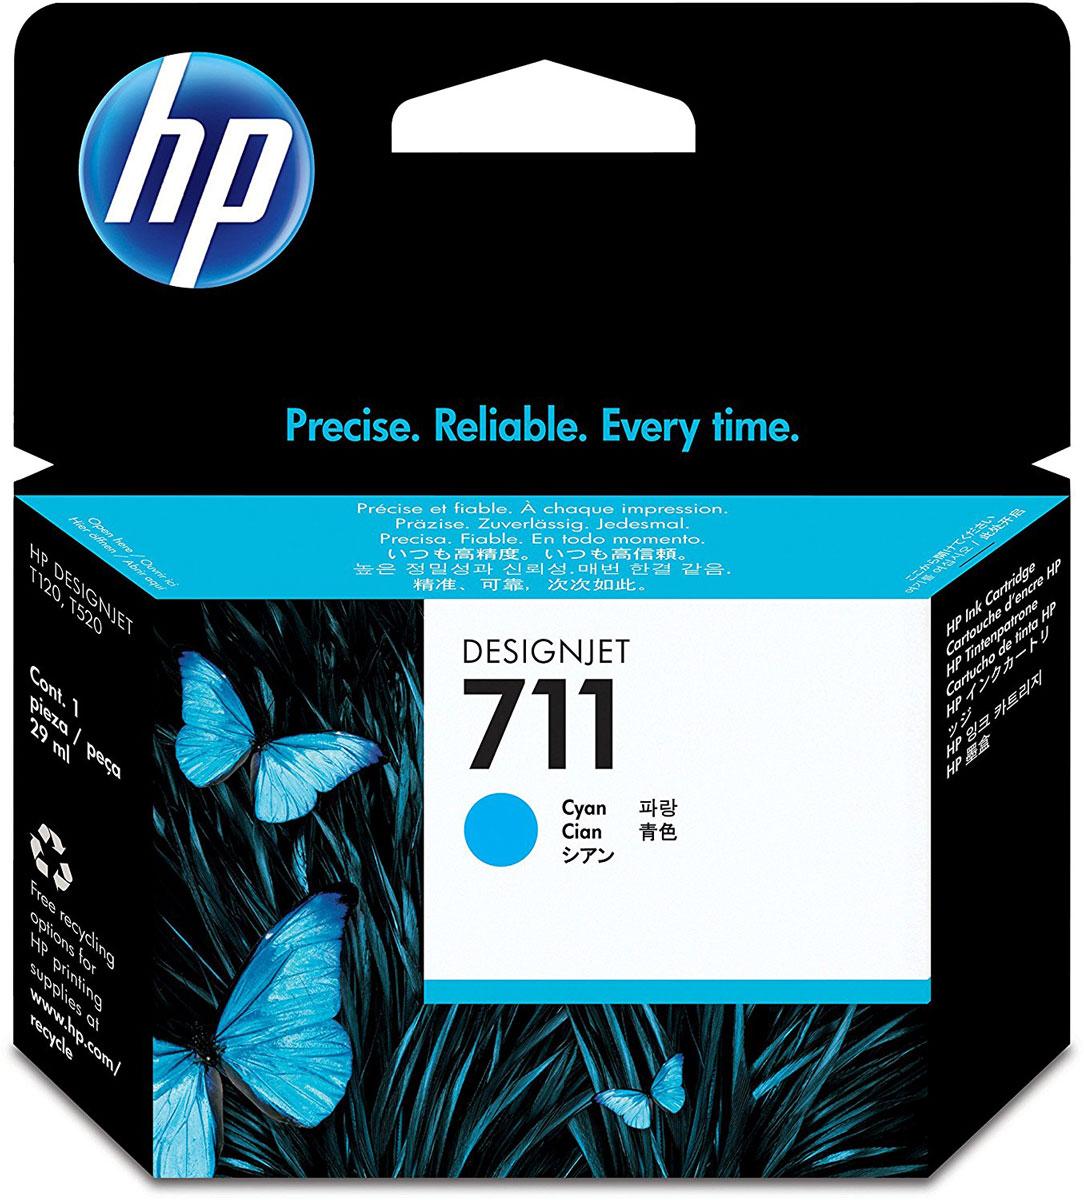 HP CZ130A (711), Cyan картридж для T120/T520CZ130AКартридж HP 711 емкостью 29 мл с голубыми чернилами обеспечивает великолепную печать. Насыщенный цвет и четкие линии в сочетании с быстрым высыханием и стойкостью фотографий к смазыванию. Оригинальные чернила HP разработаны и протестированы вместе с принтерами для обеспечения стабильных результатов. Пробы и ошибки отнимают время. Для получения качества, достойного вас, используйте оригинальные расходные материалы HP, которые в сочетании с принтером работают как оптимизированная система печати для обеспечения точных линий, четких деталей и богатой цветовой гаммы. Представьте, какое влияние вы сможете оказать на своих слушателей, если в вашем арсенале будут четкие и легкочитаемые чертежи и цветные презентации. Оригинальные чернила HP — это уникальная комбинация качества и надежности; чернила HP — это четкость линий, быстрое высыхание и стойкость к смазыванию.